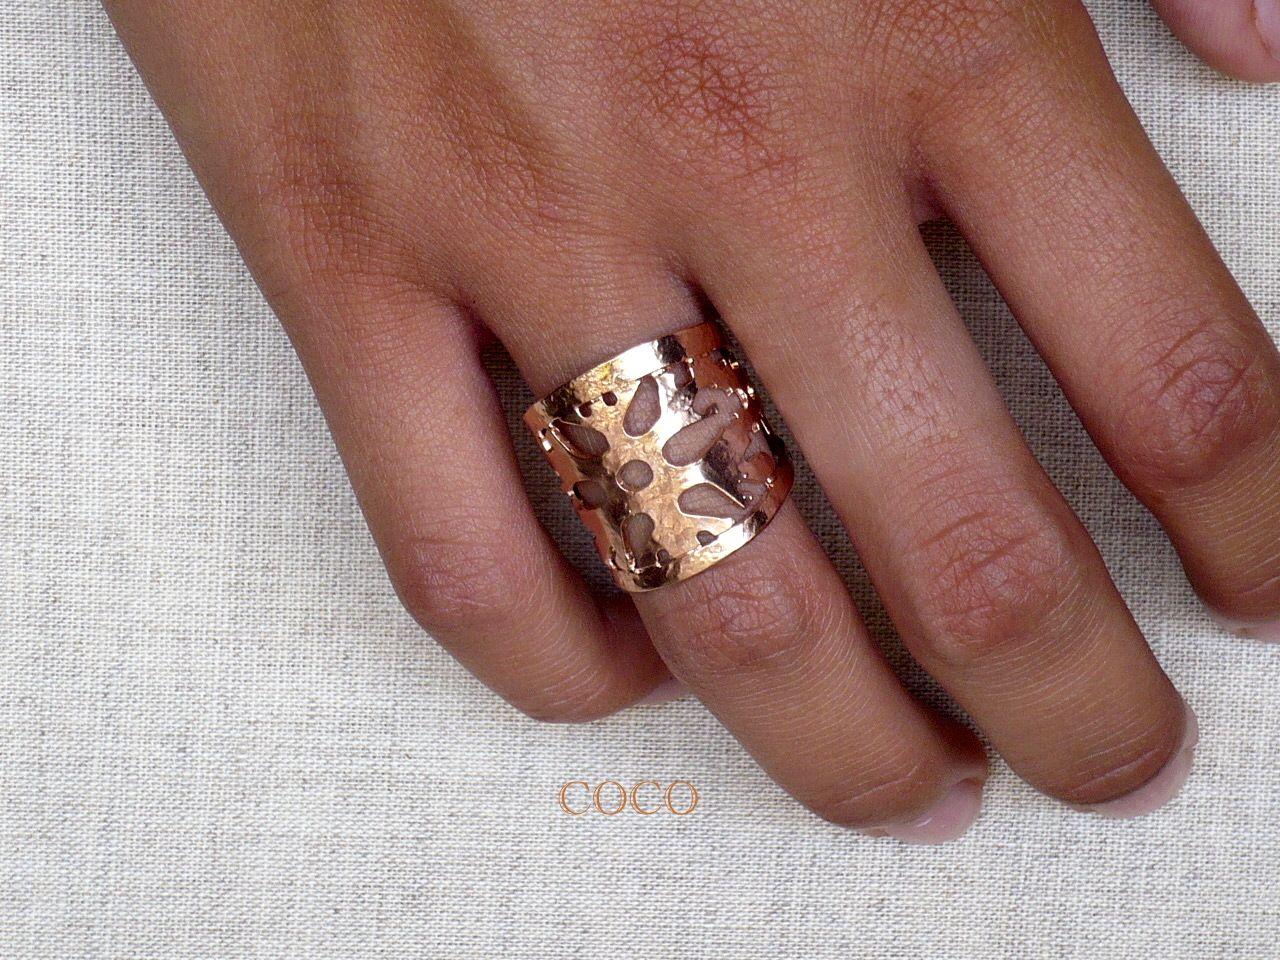 Δαχτυλίδι, ρυθμιζόμενου μεγέθους (ροζ χρυσό) Κωδικός 4119 - Τιμή 9 ευρώ